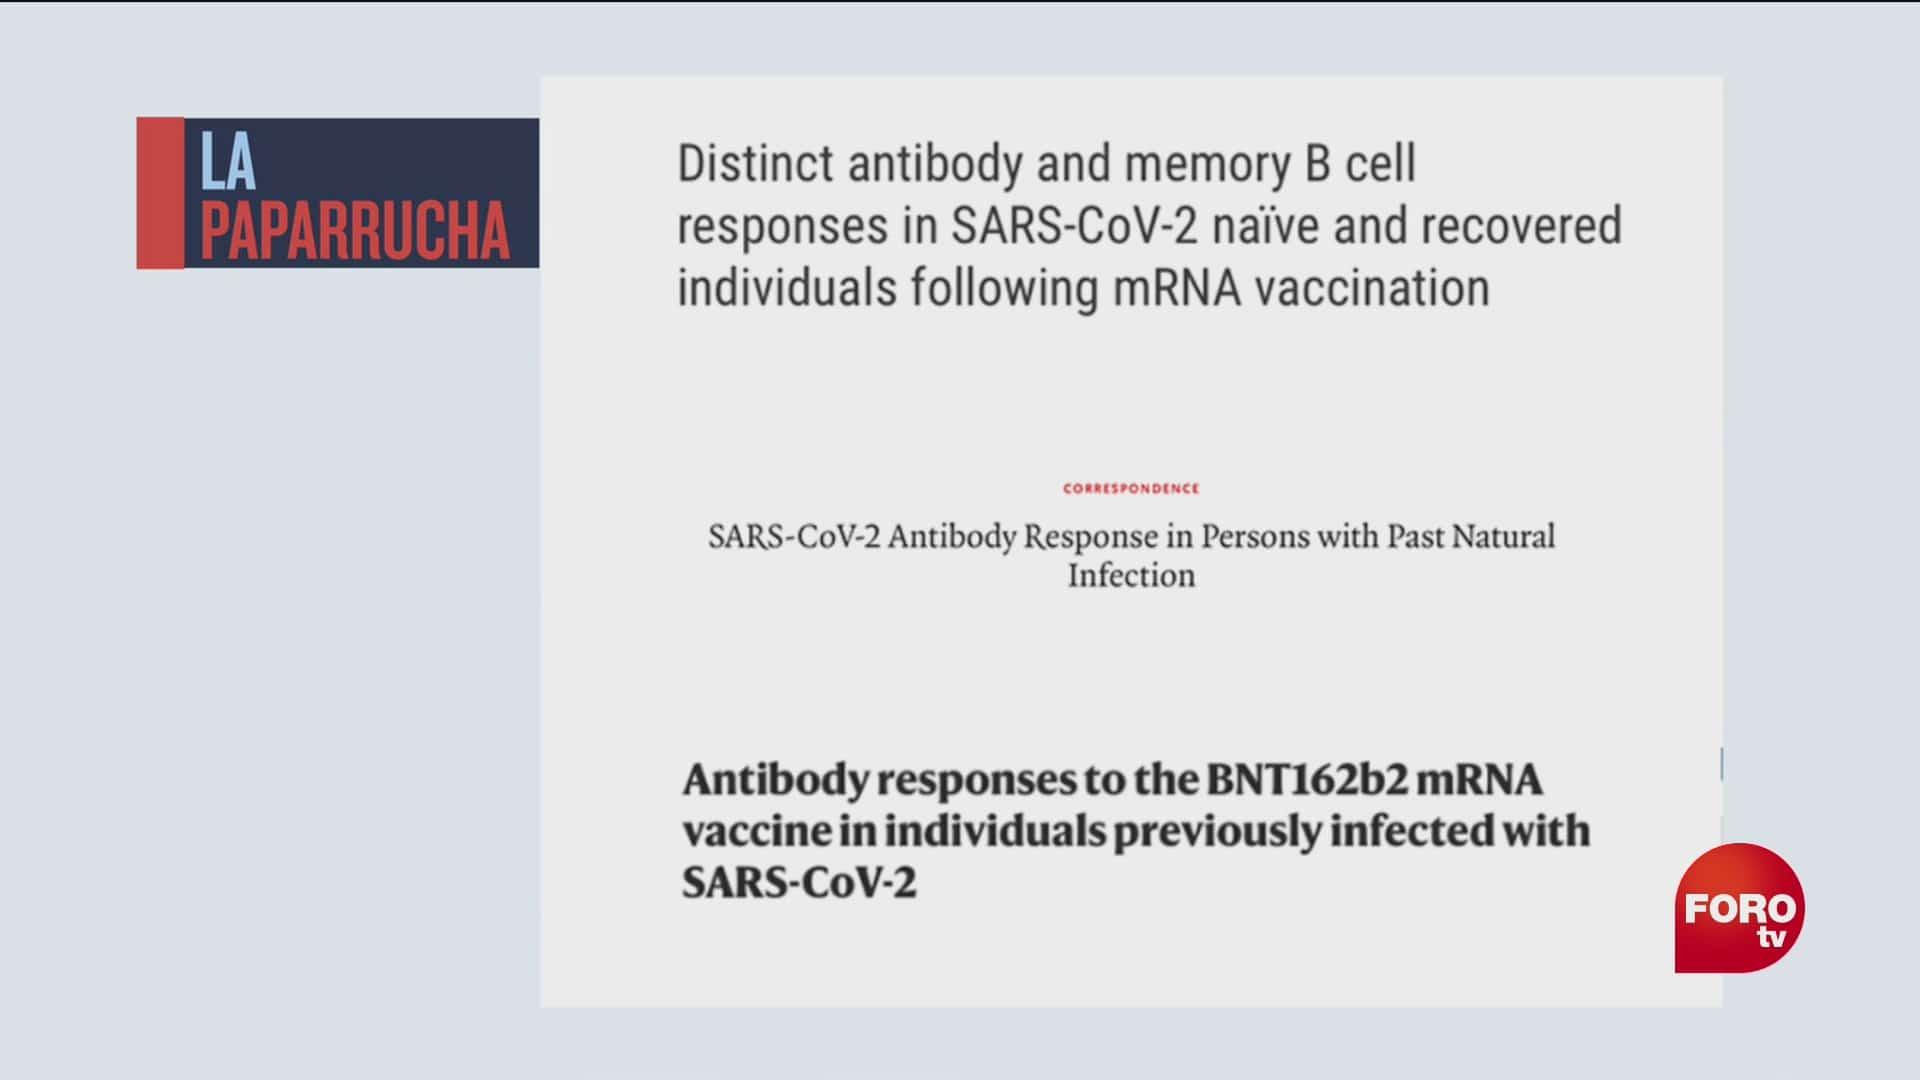 si ya tuviste covid 19 basta con una sola dosis de la vacuna para estar protegidos la paparrucha del dia